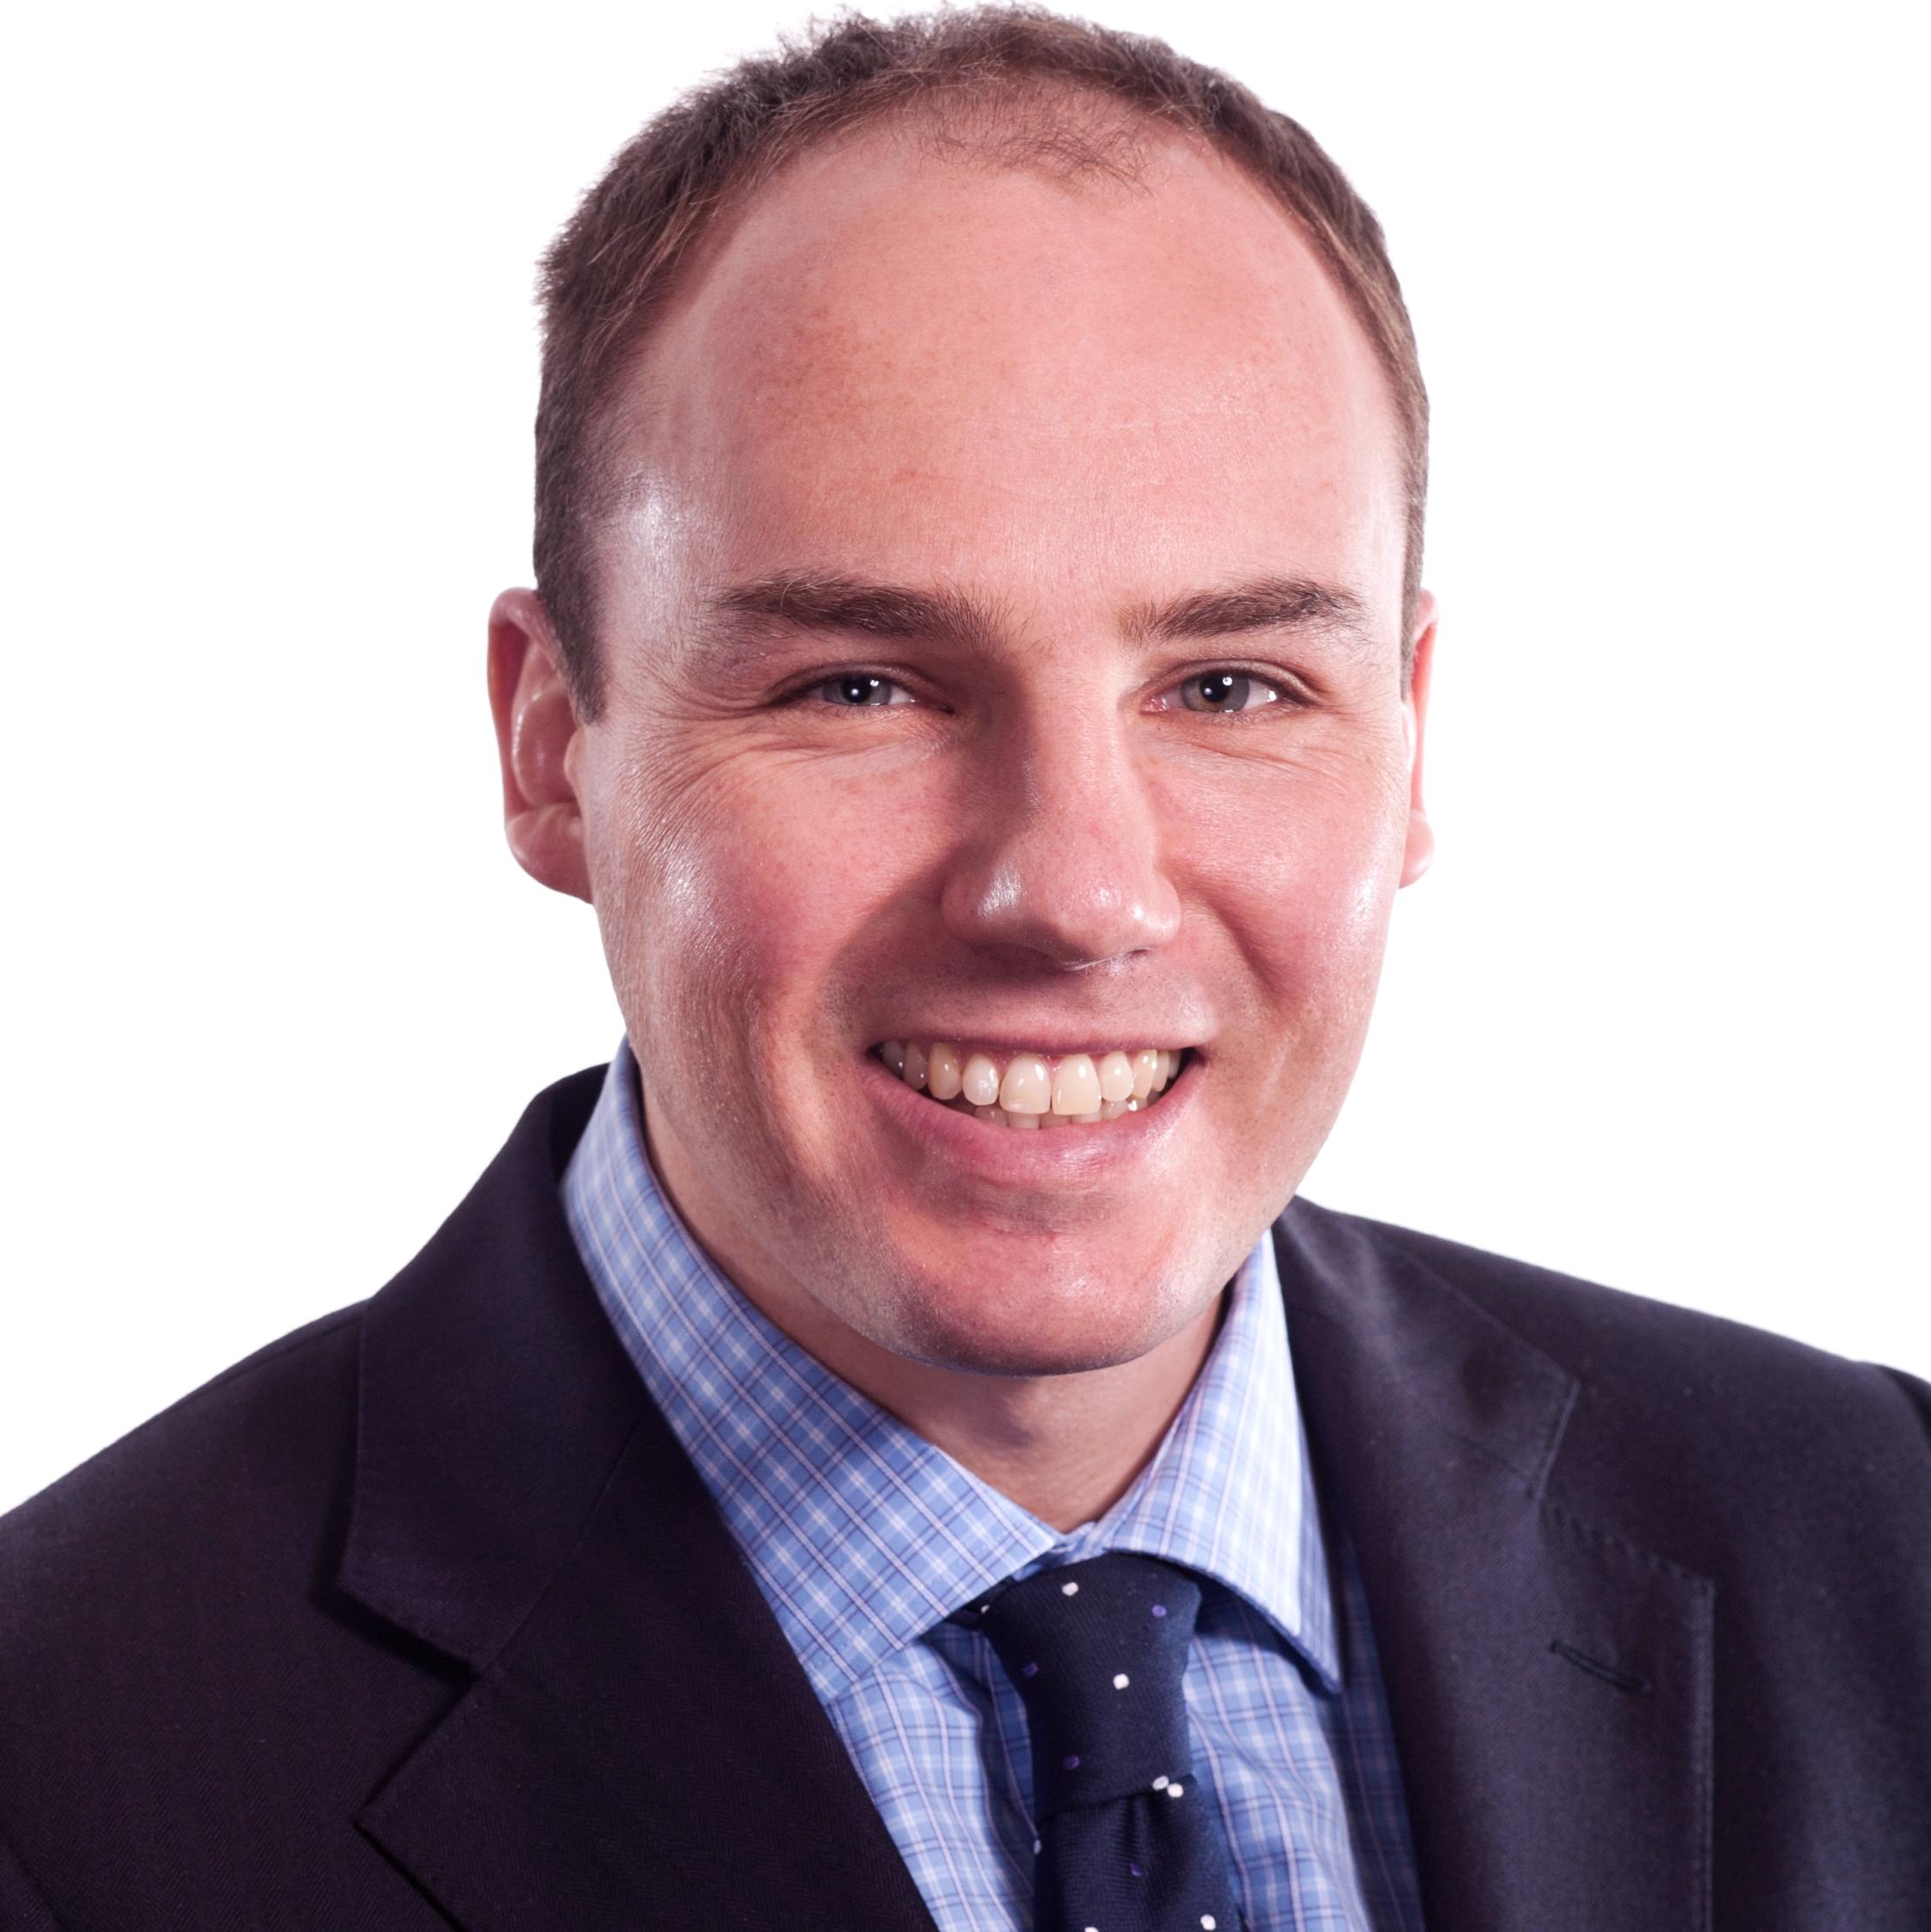 Matt Forbes